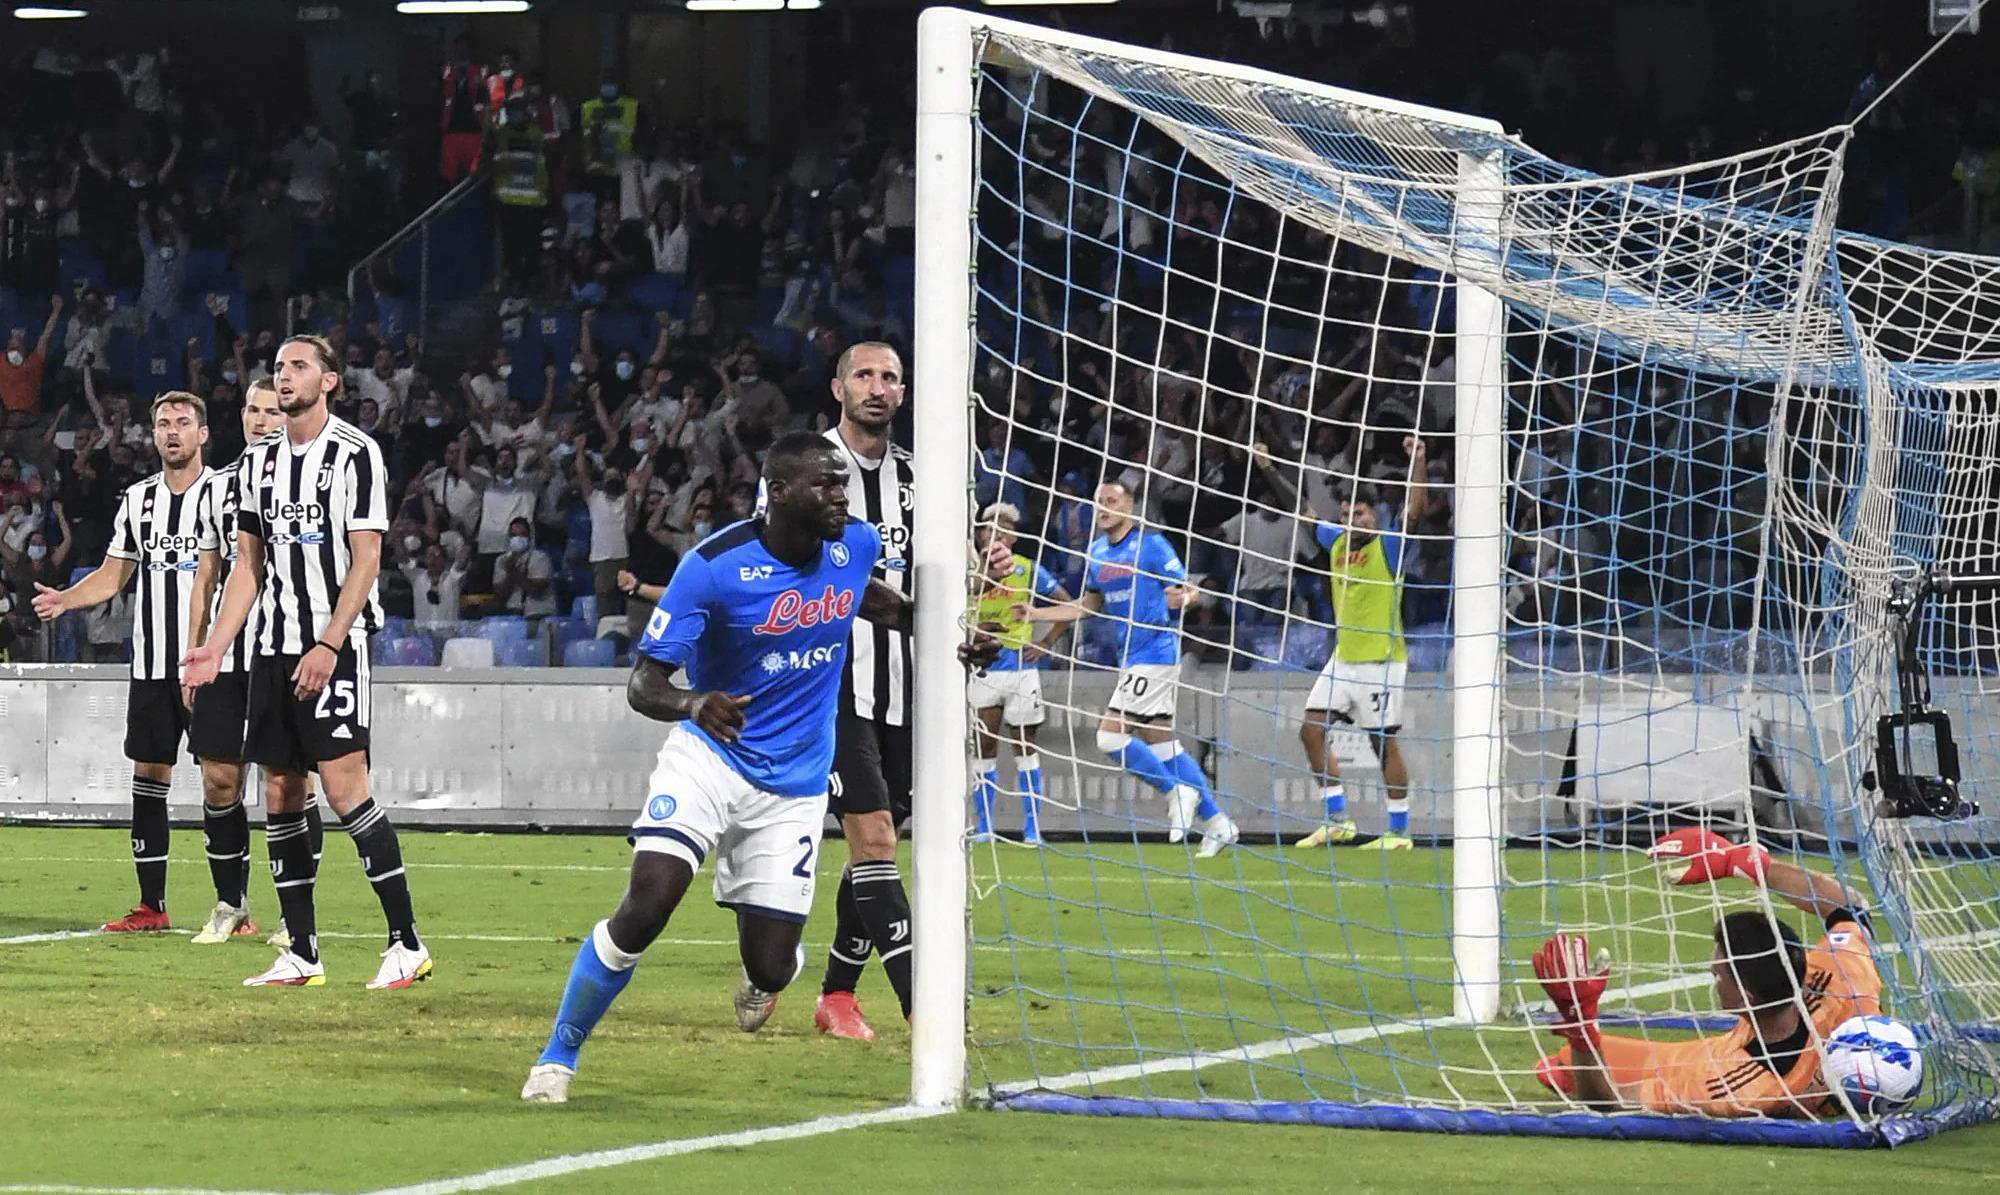 Koulibaly ghi bàn ấn định thắng lợi 2-1 cho Napoli trước Juventus. Ảnh: Photo Moscow  & Ansa